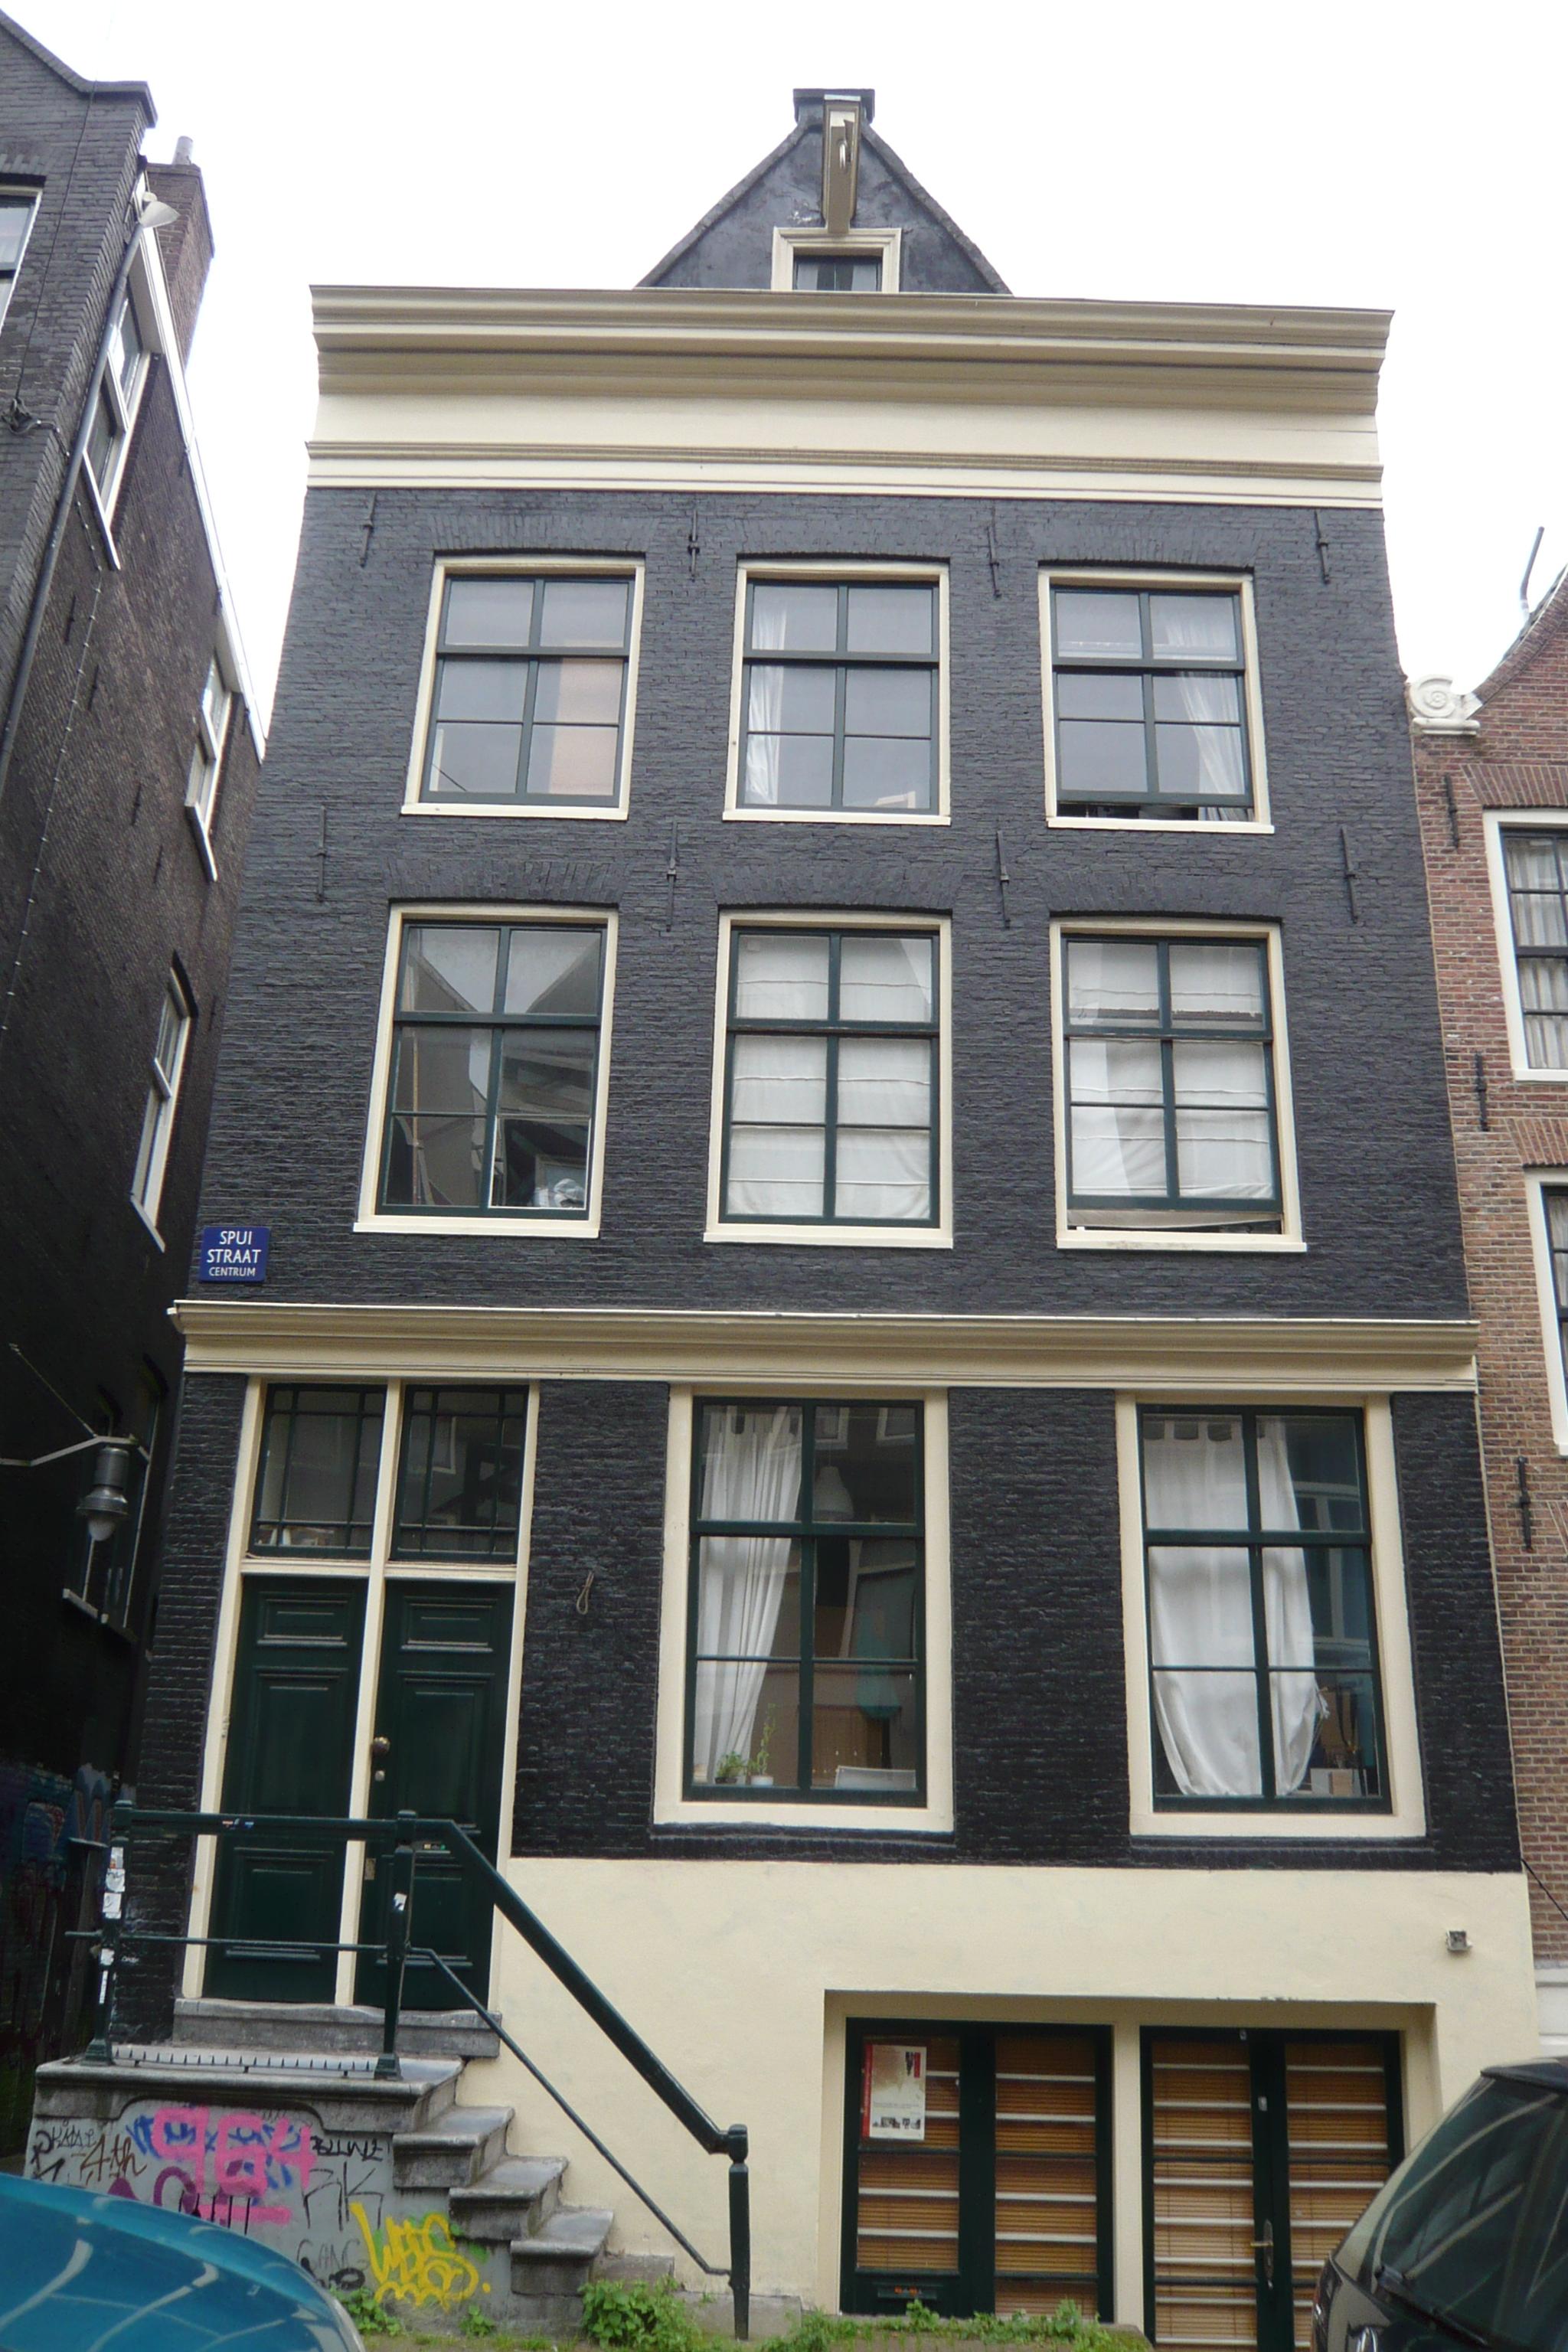 Huis met gevel onder 19e eeuwse rechte lijst waarboven een for Lijst inrichting huis